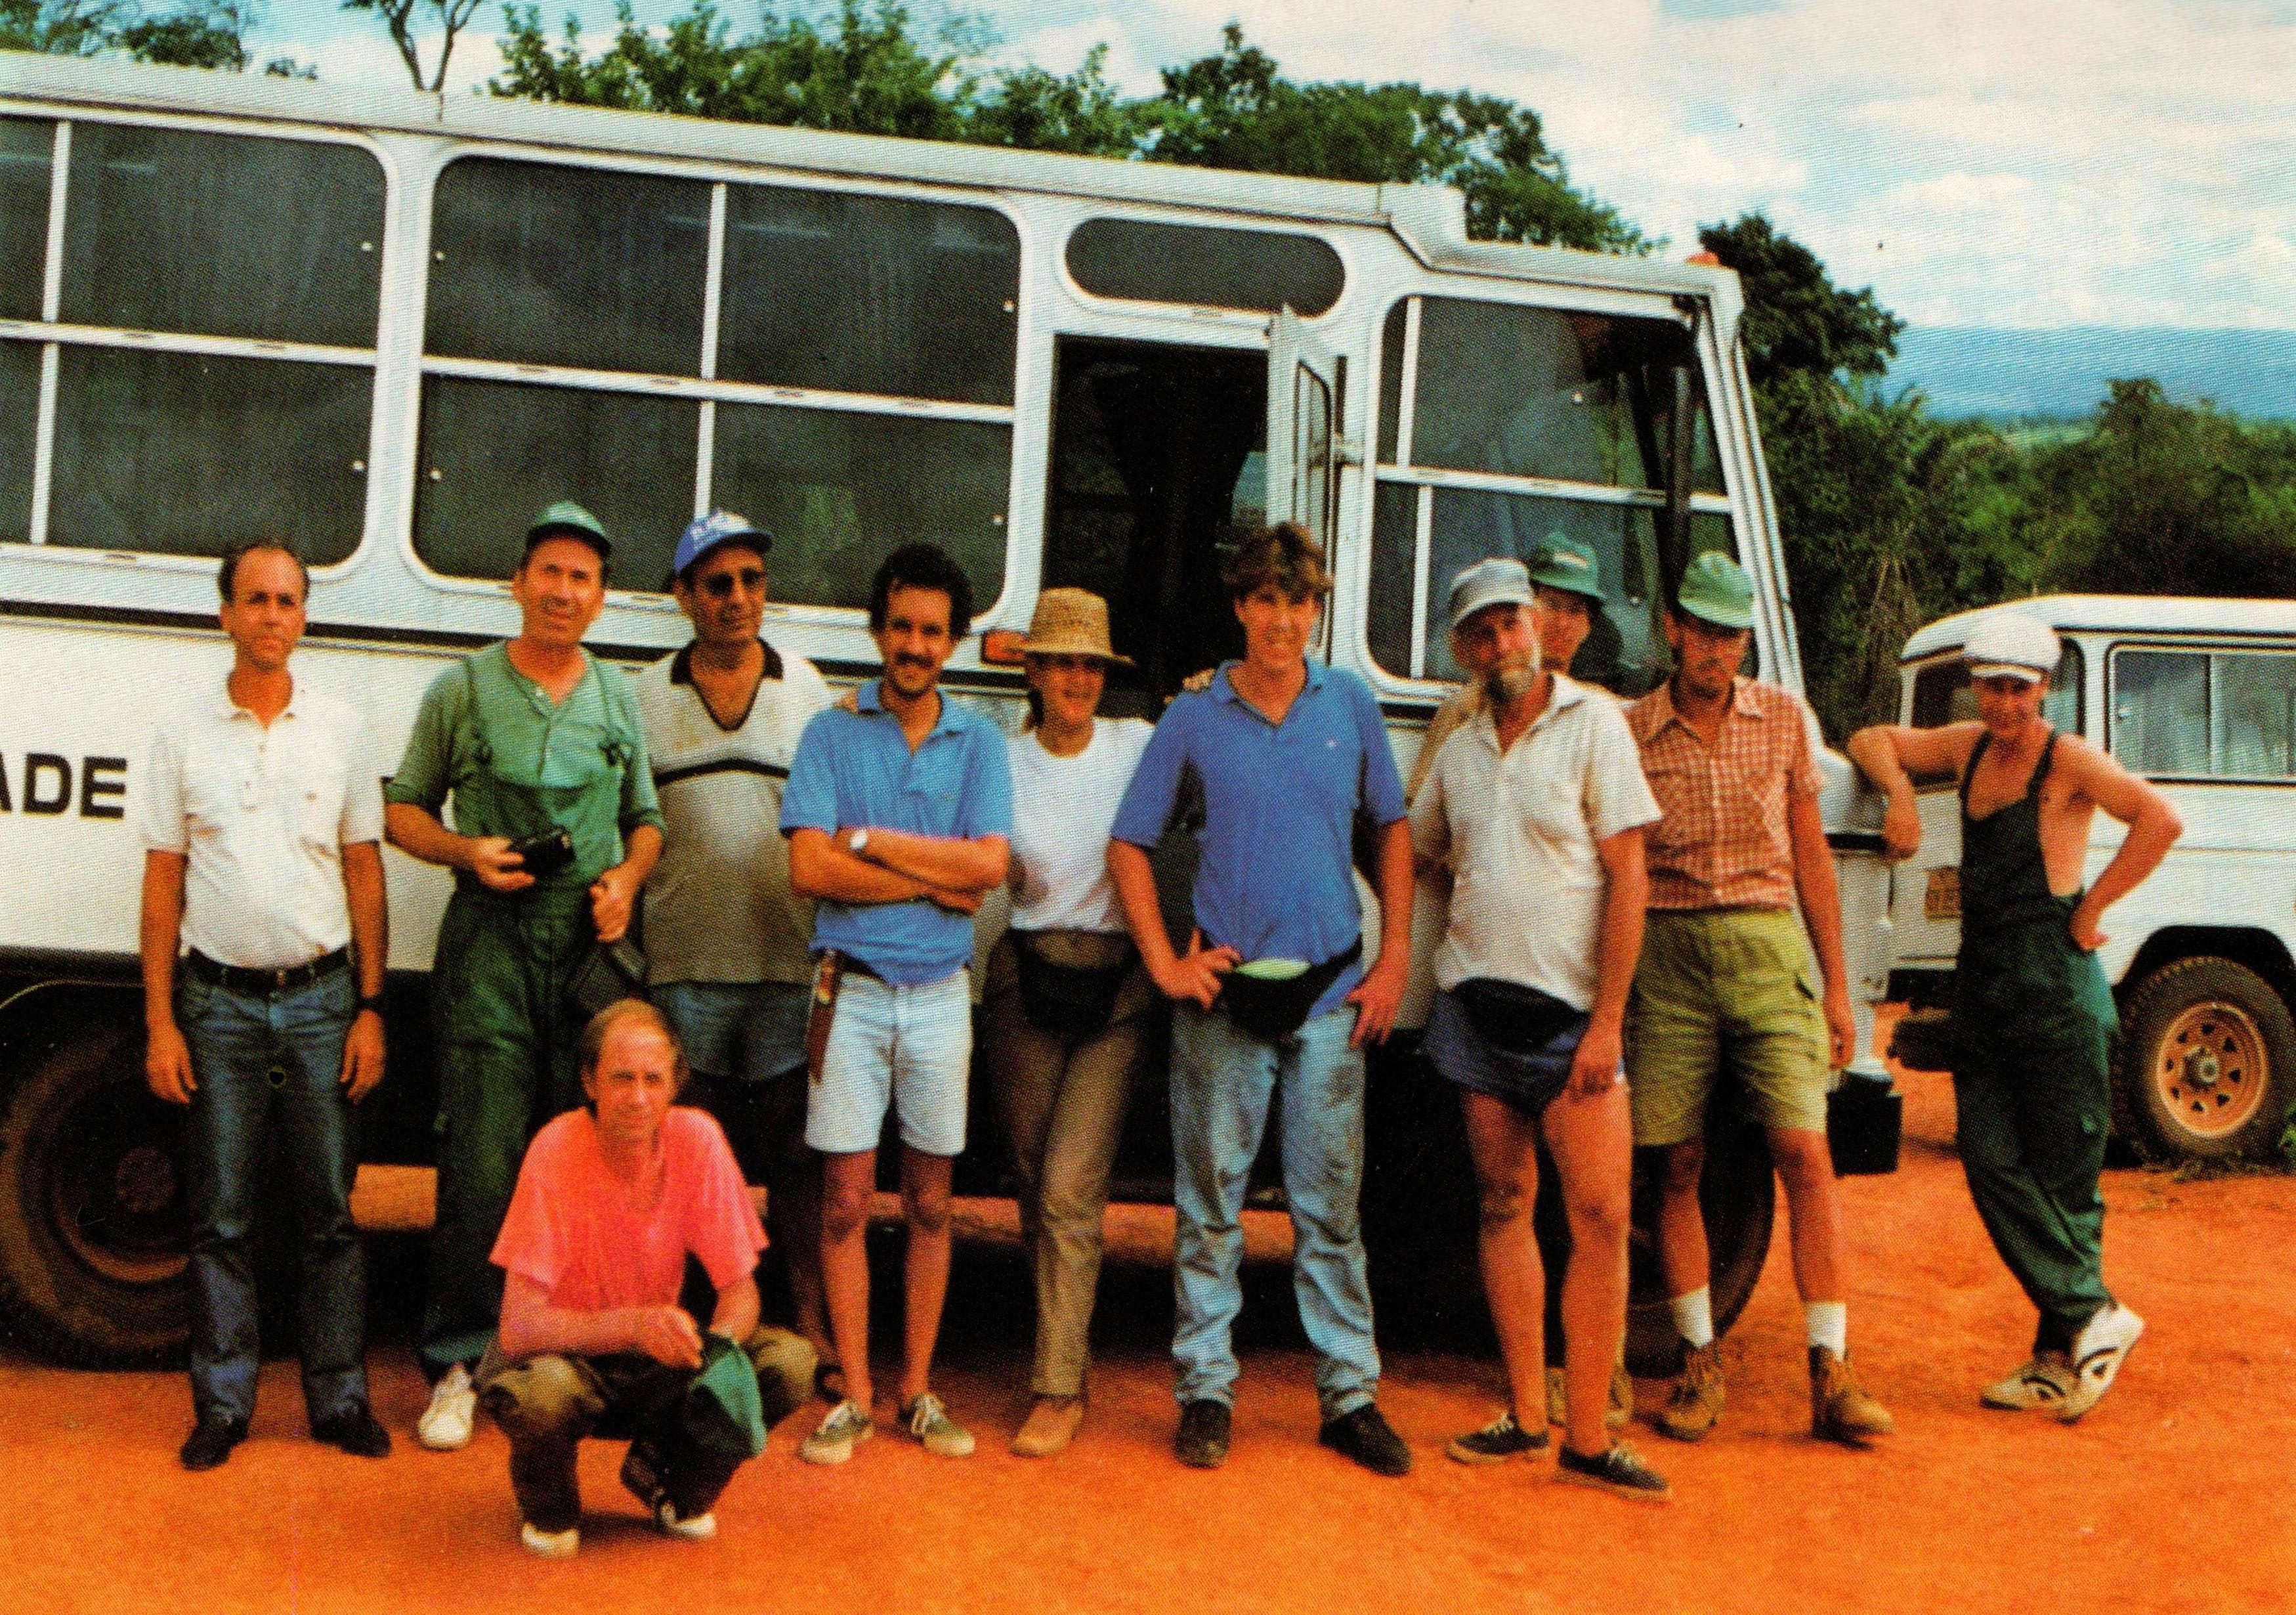 O parte din expediționarii români și brazilieni, în Chapada Diamantina. De la stânga la dreapta: Atelino (șoferul expediției), Dumitru Murariu, Vanildo (tehnician), Diniz Freitas, Elba Toth, Philip Scott, Luis Krug (ghid local), Doru Ruști, Nicolae Găldean, Marcel Ionescu și Năstase Răduleț (jos) (fotografie realizată de membrii echipei)